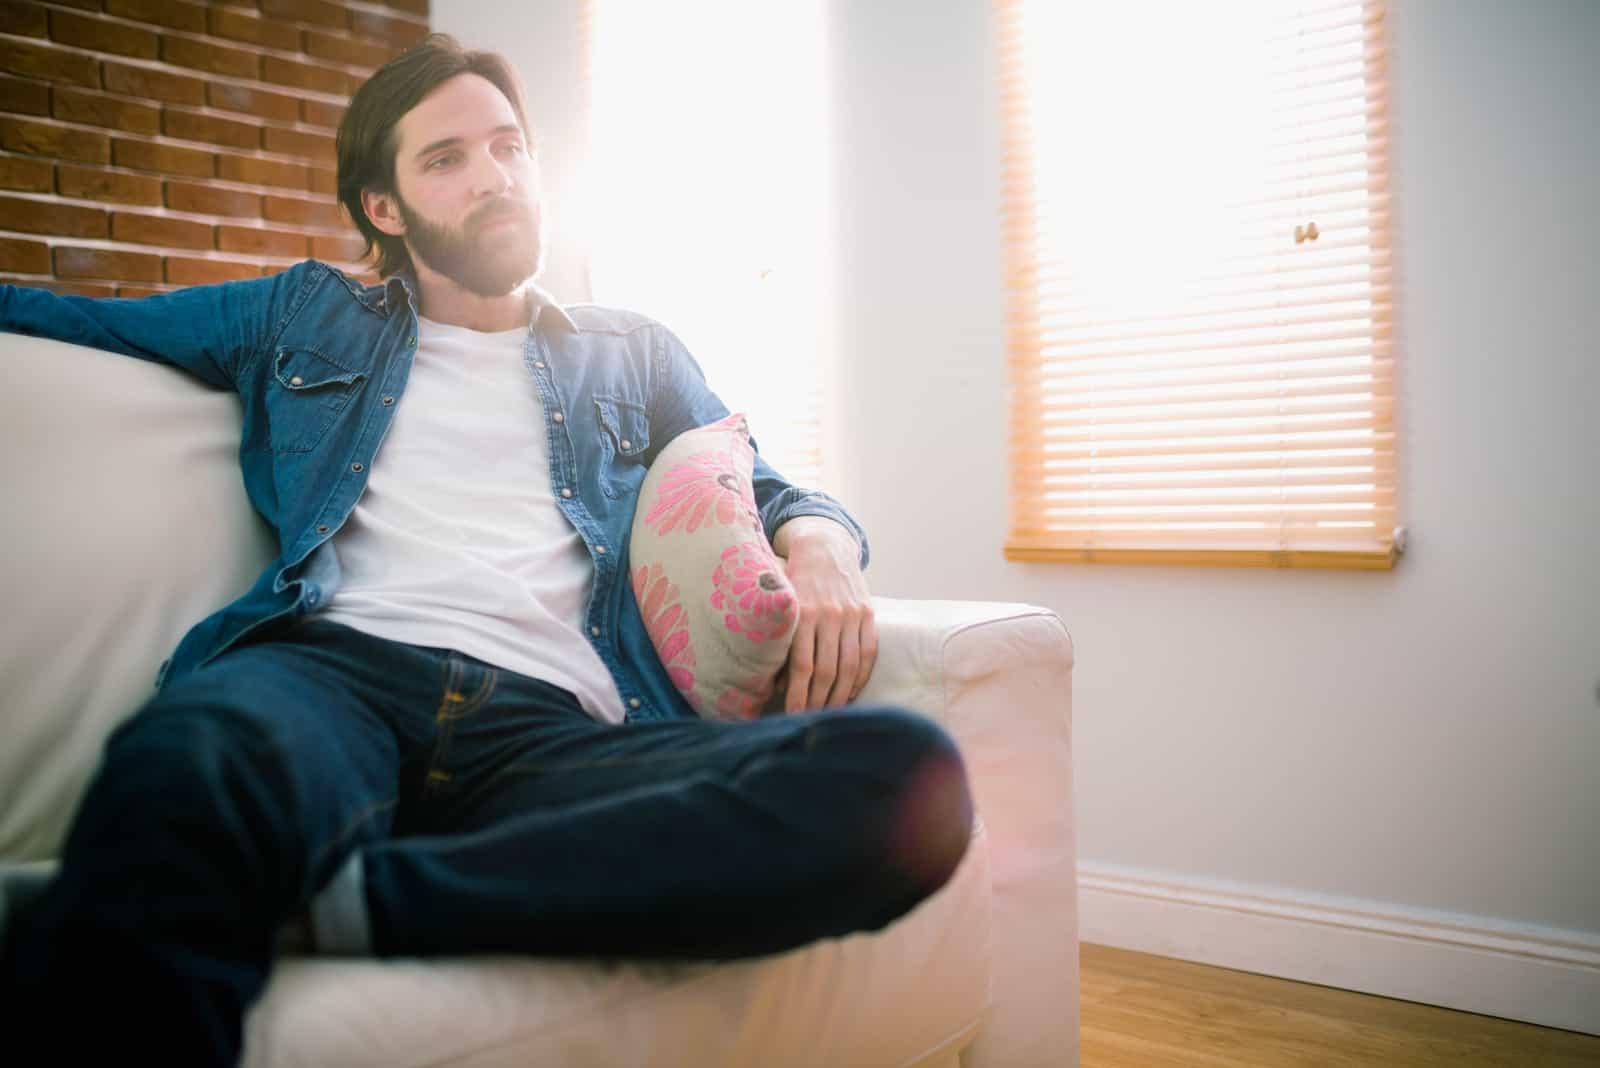 Ein bärtiger Mann sitzt auf der Couch und denkt nach